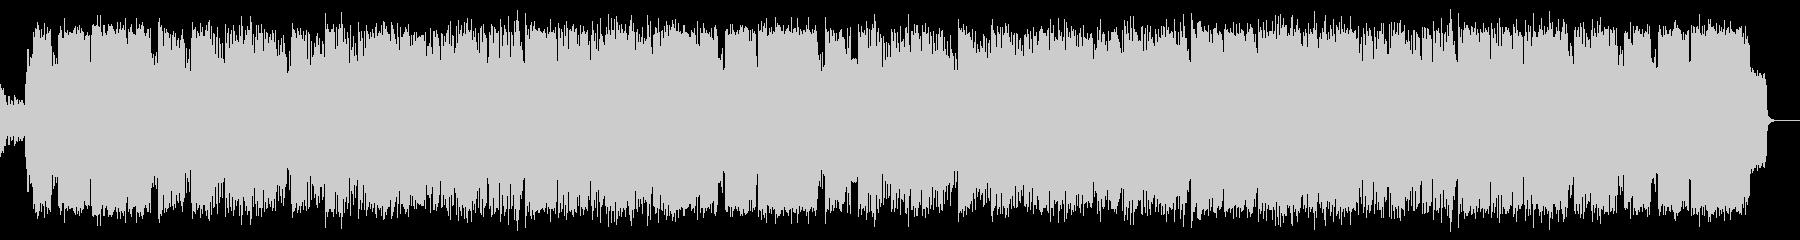 エレガントでしっとりした3連リズムの楽曲の未再生の波形